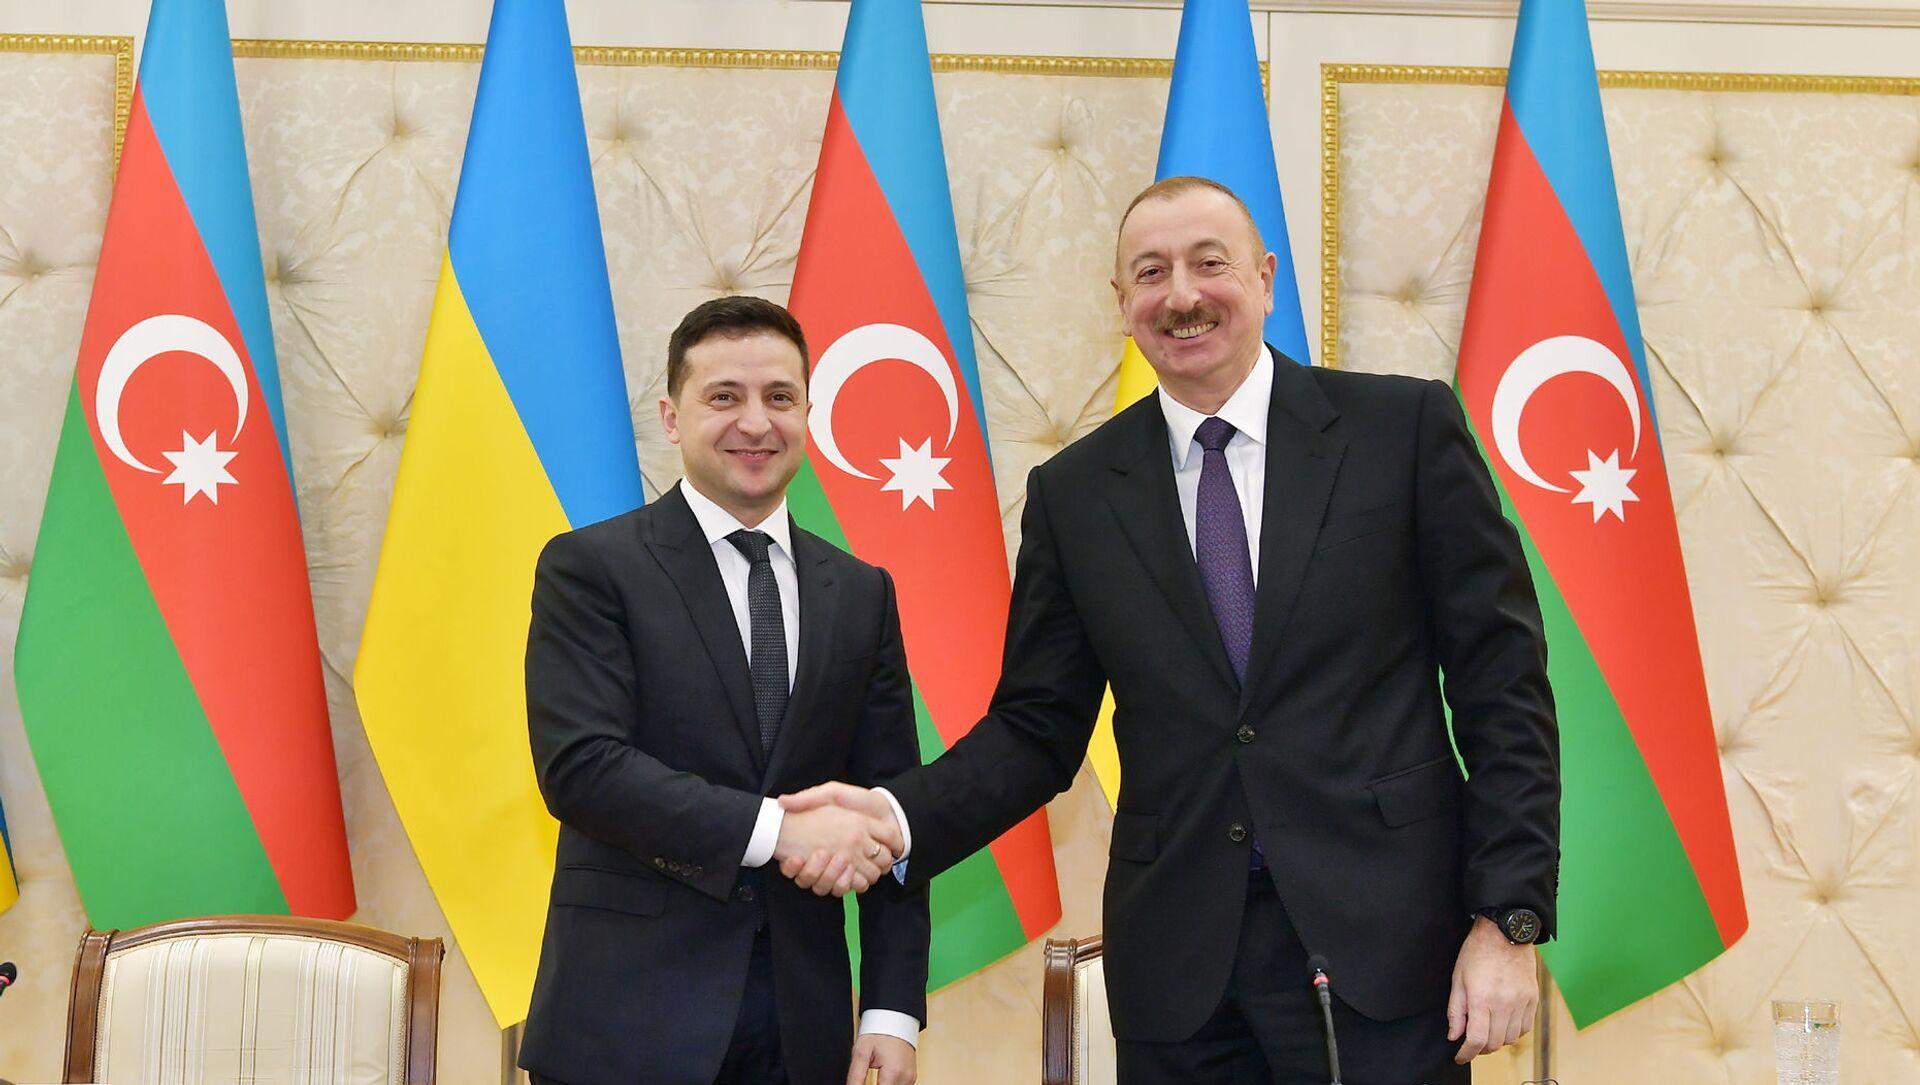 Президент Азербайджанской Республики Ильхам Алиев и Президент Украины Владимир Зеленский, фото из архива - Sputnik Азербайджан, 1920, 23.08.2021